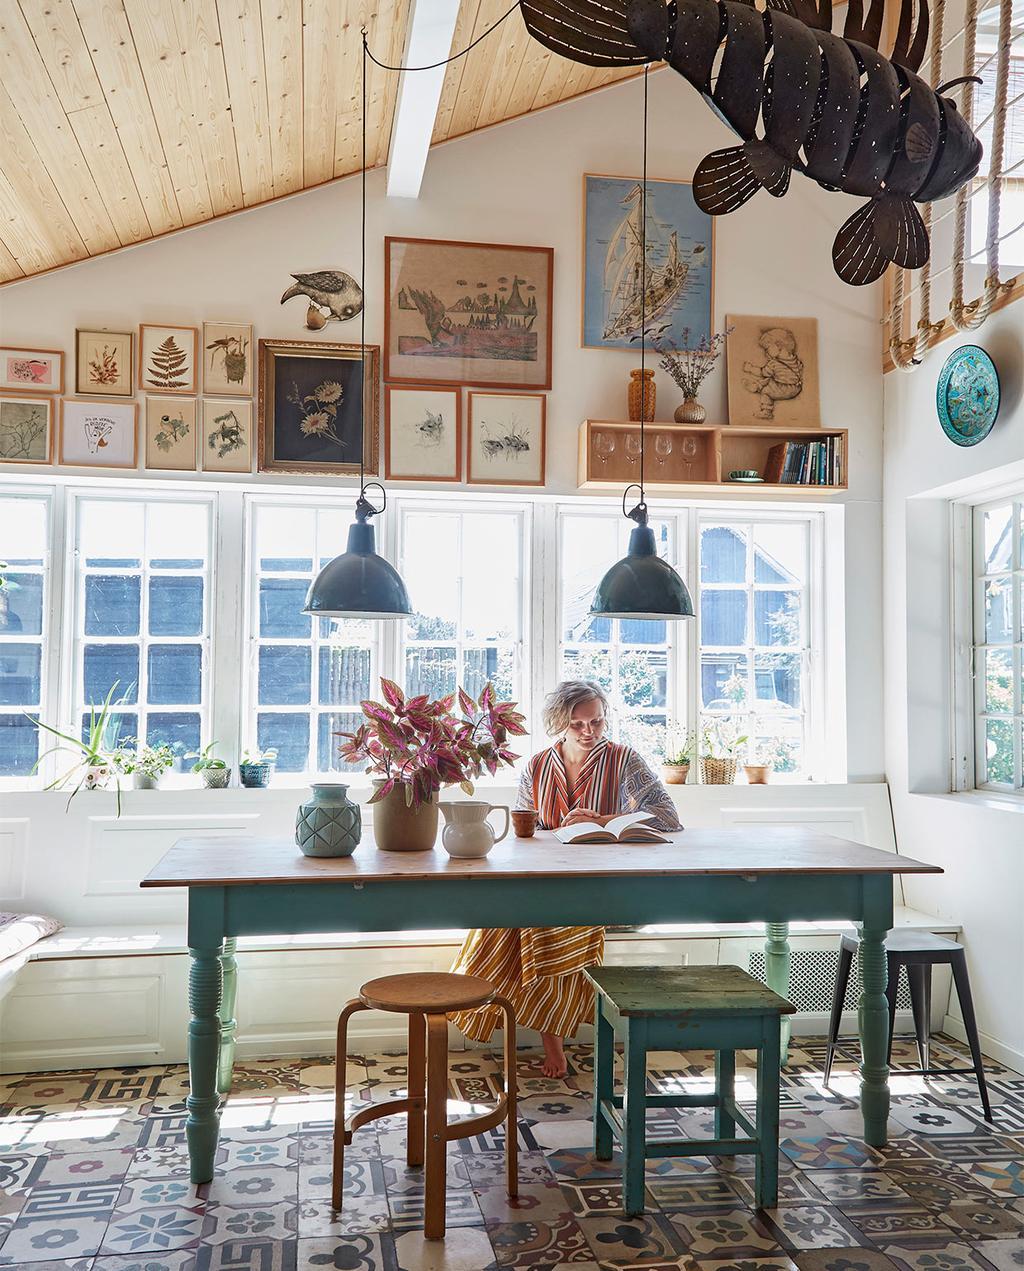 vtwonen special zomerhuizen 07-2021 | een blauw groene tafel, Josephine zit op een stoel, met allemaal verschillende school posters op de achtergrond